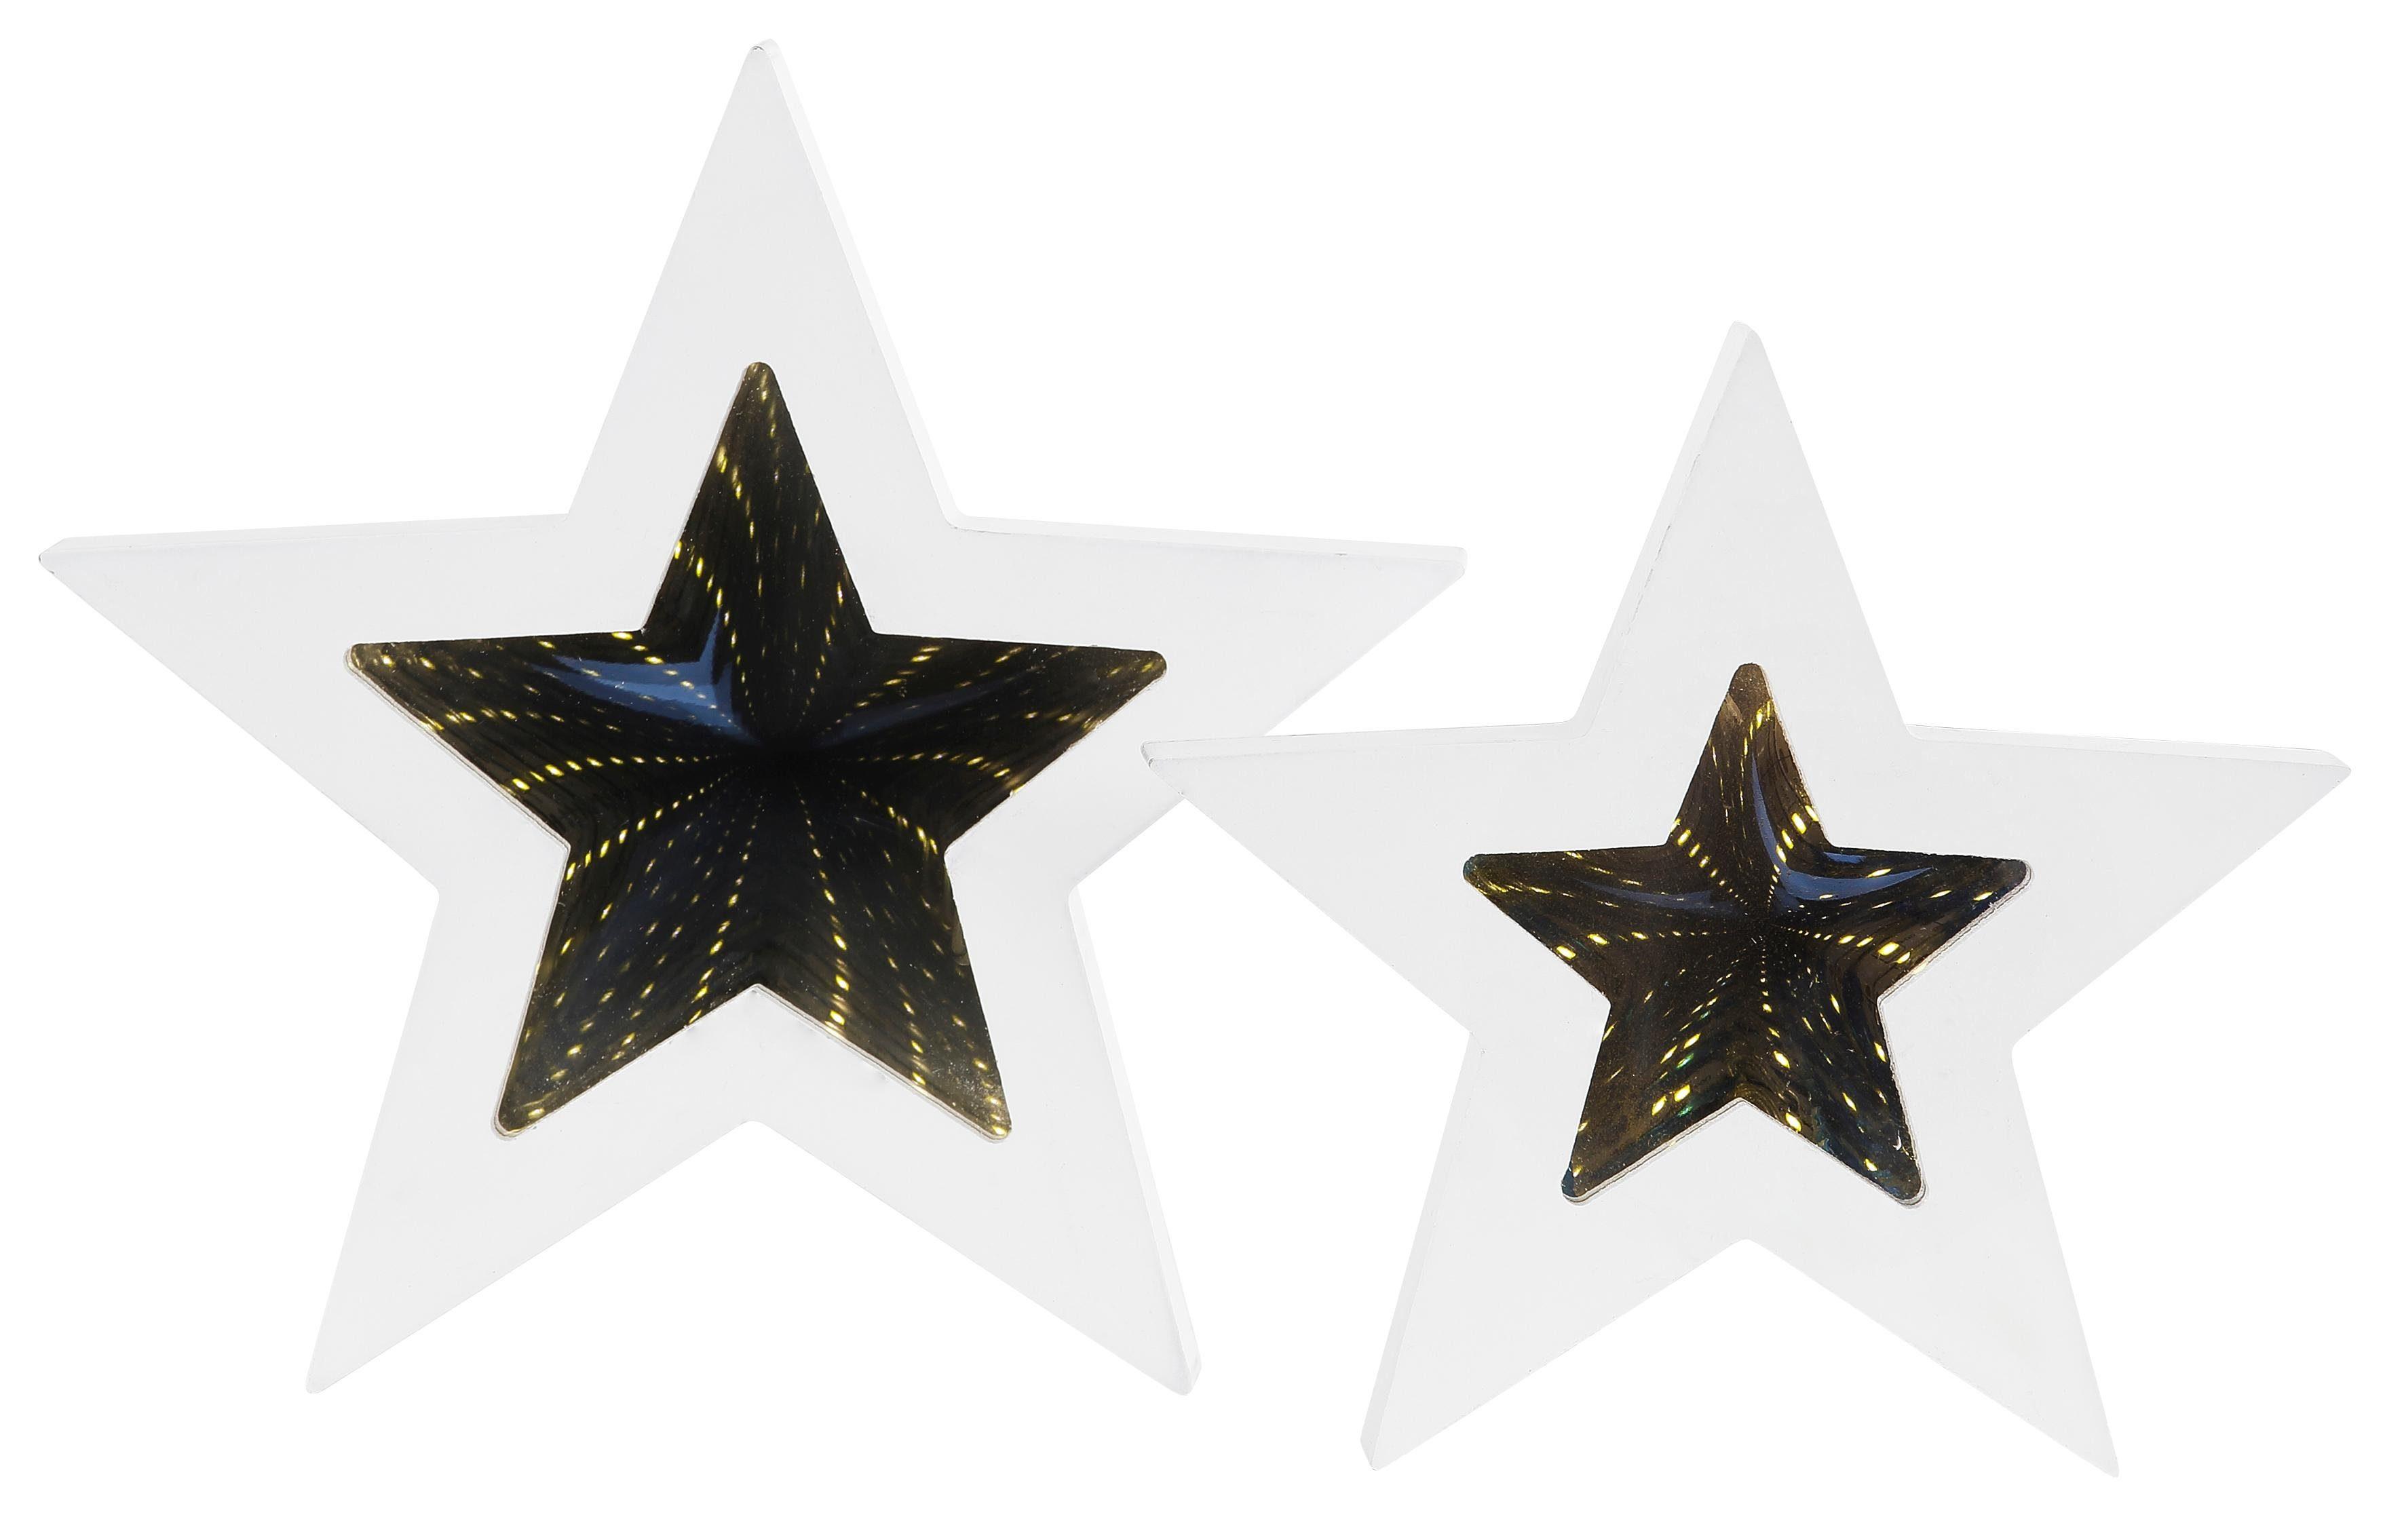 LED Deko-Sterne mit 3D-Effekt, 2-tlg.